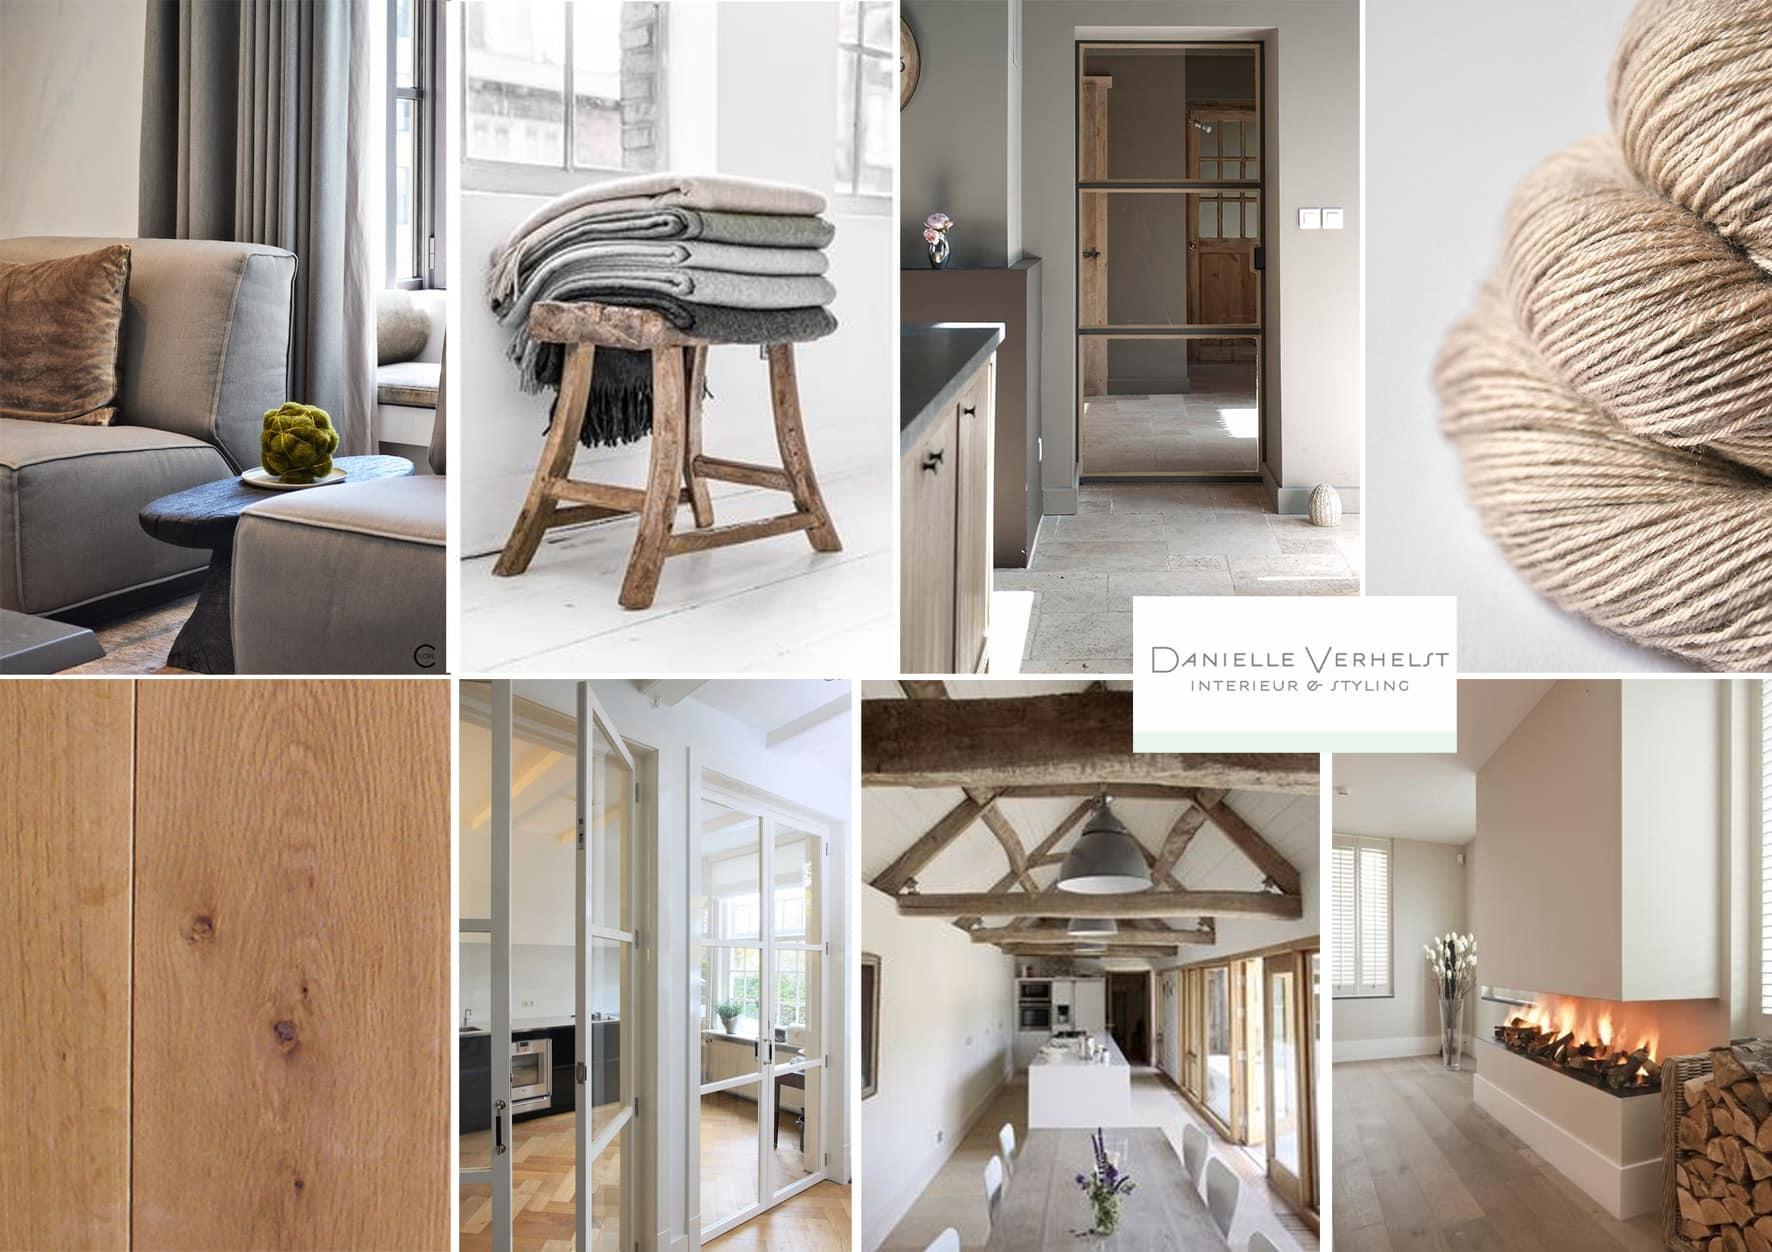 Interieuradvies voor jaren 30 huis danielle verhelst for Interieur styling